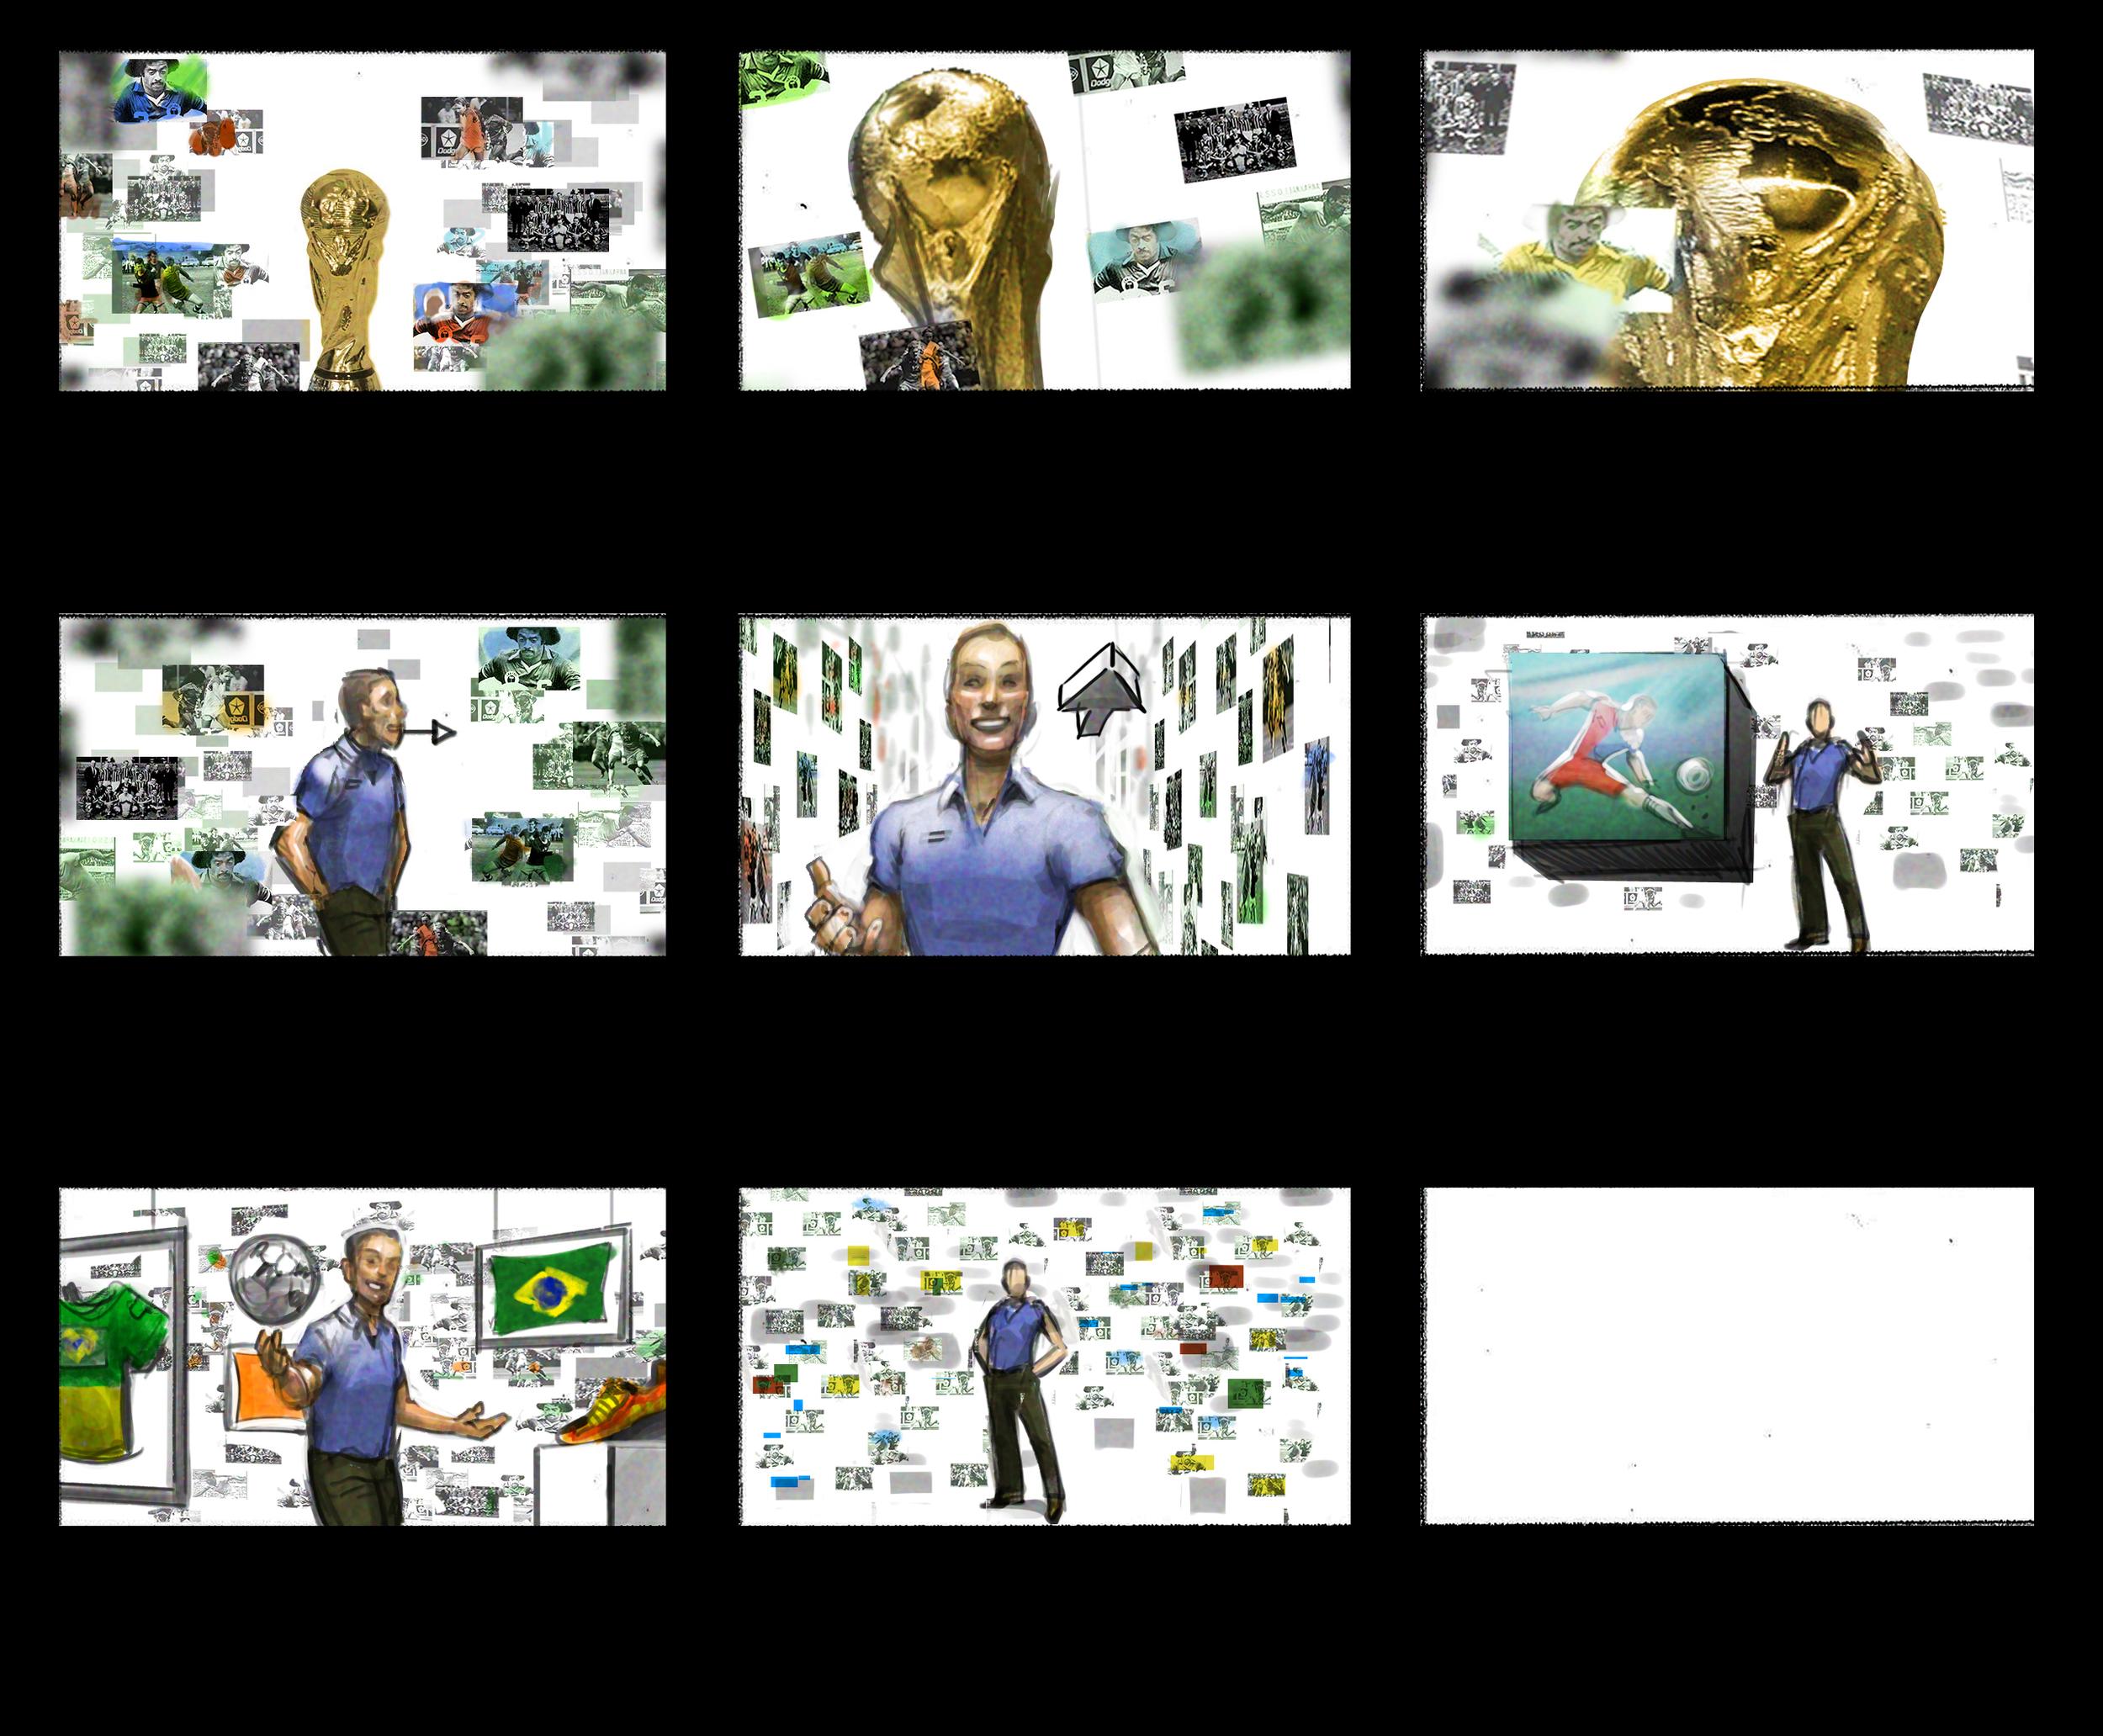 ESPN Worldcup 2014 pitch4